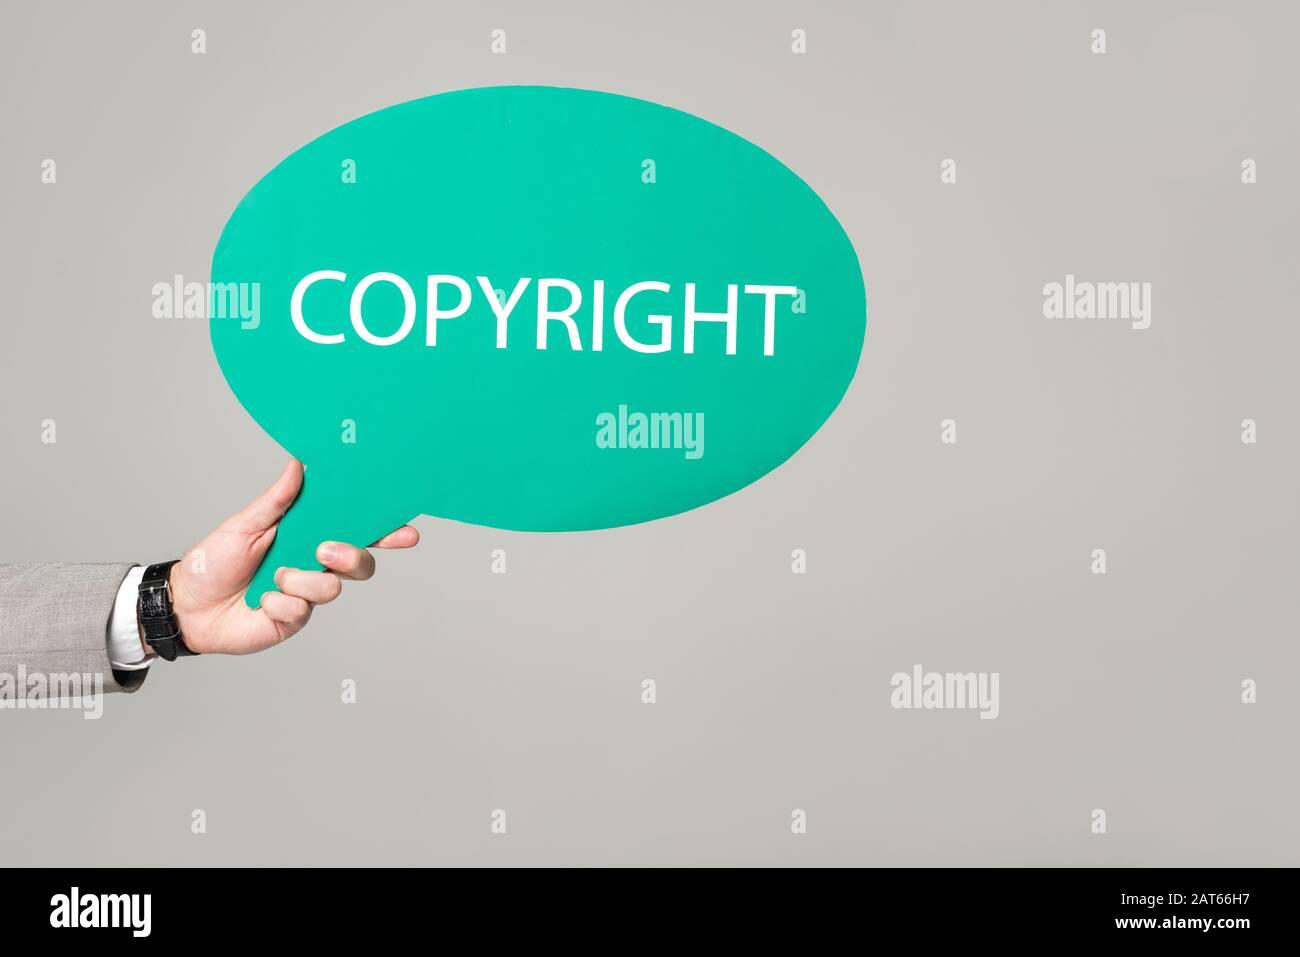 vista recortada de empresario sosteniendo burbuja de pensamiento con inscripción de derechos de autor aislada en gris Foto de stock